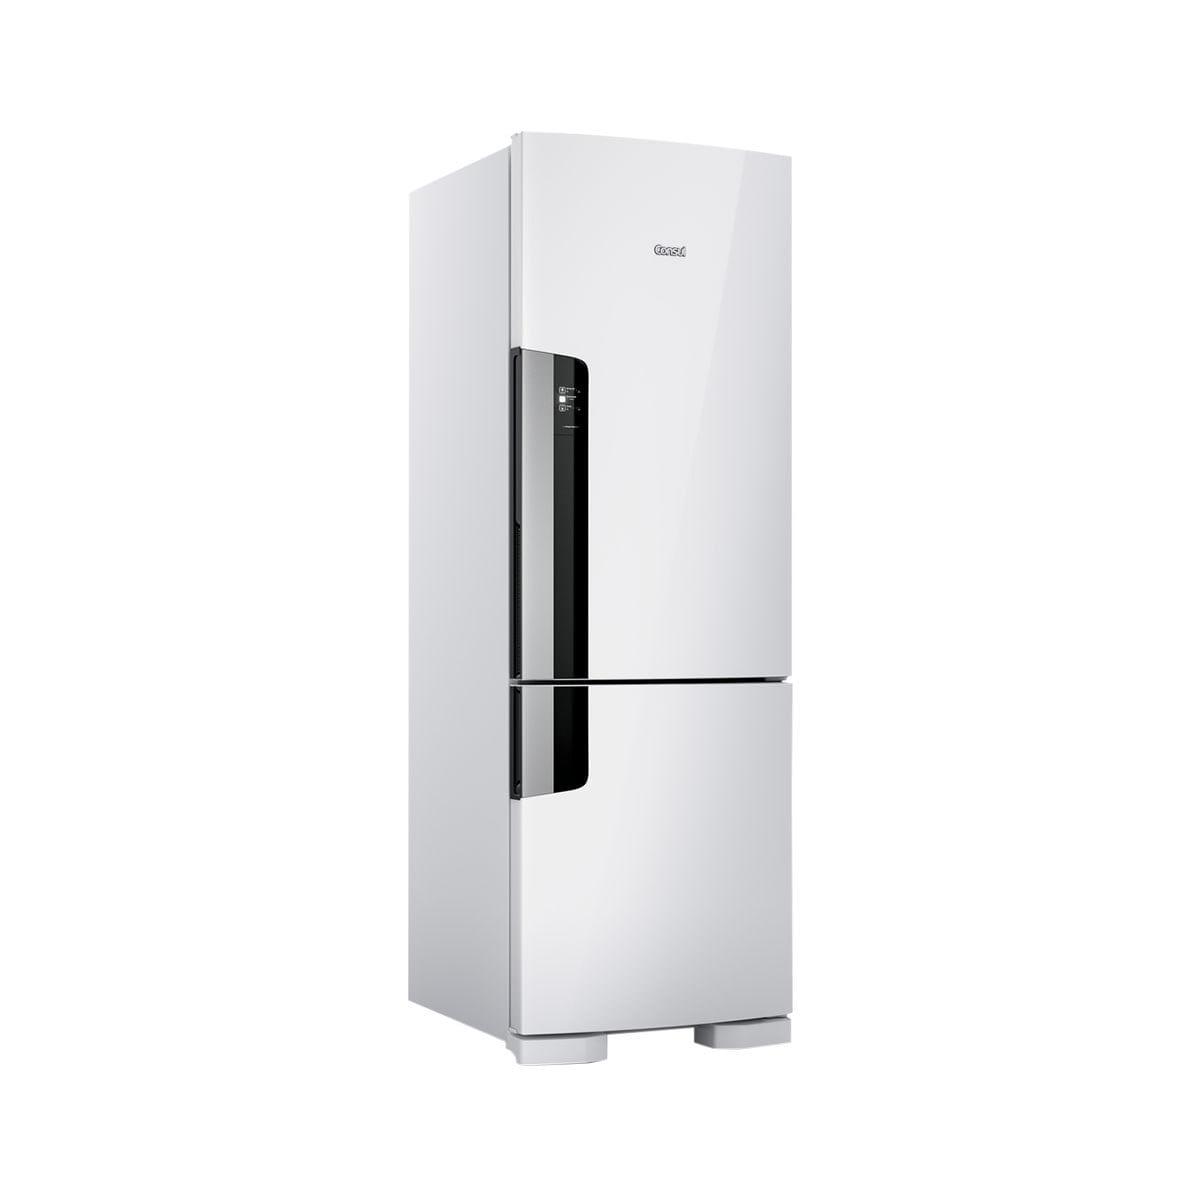 Geladeira/refrigerador 397 Litros 2 Portas Branco - Consul - 110v - Cre44abana